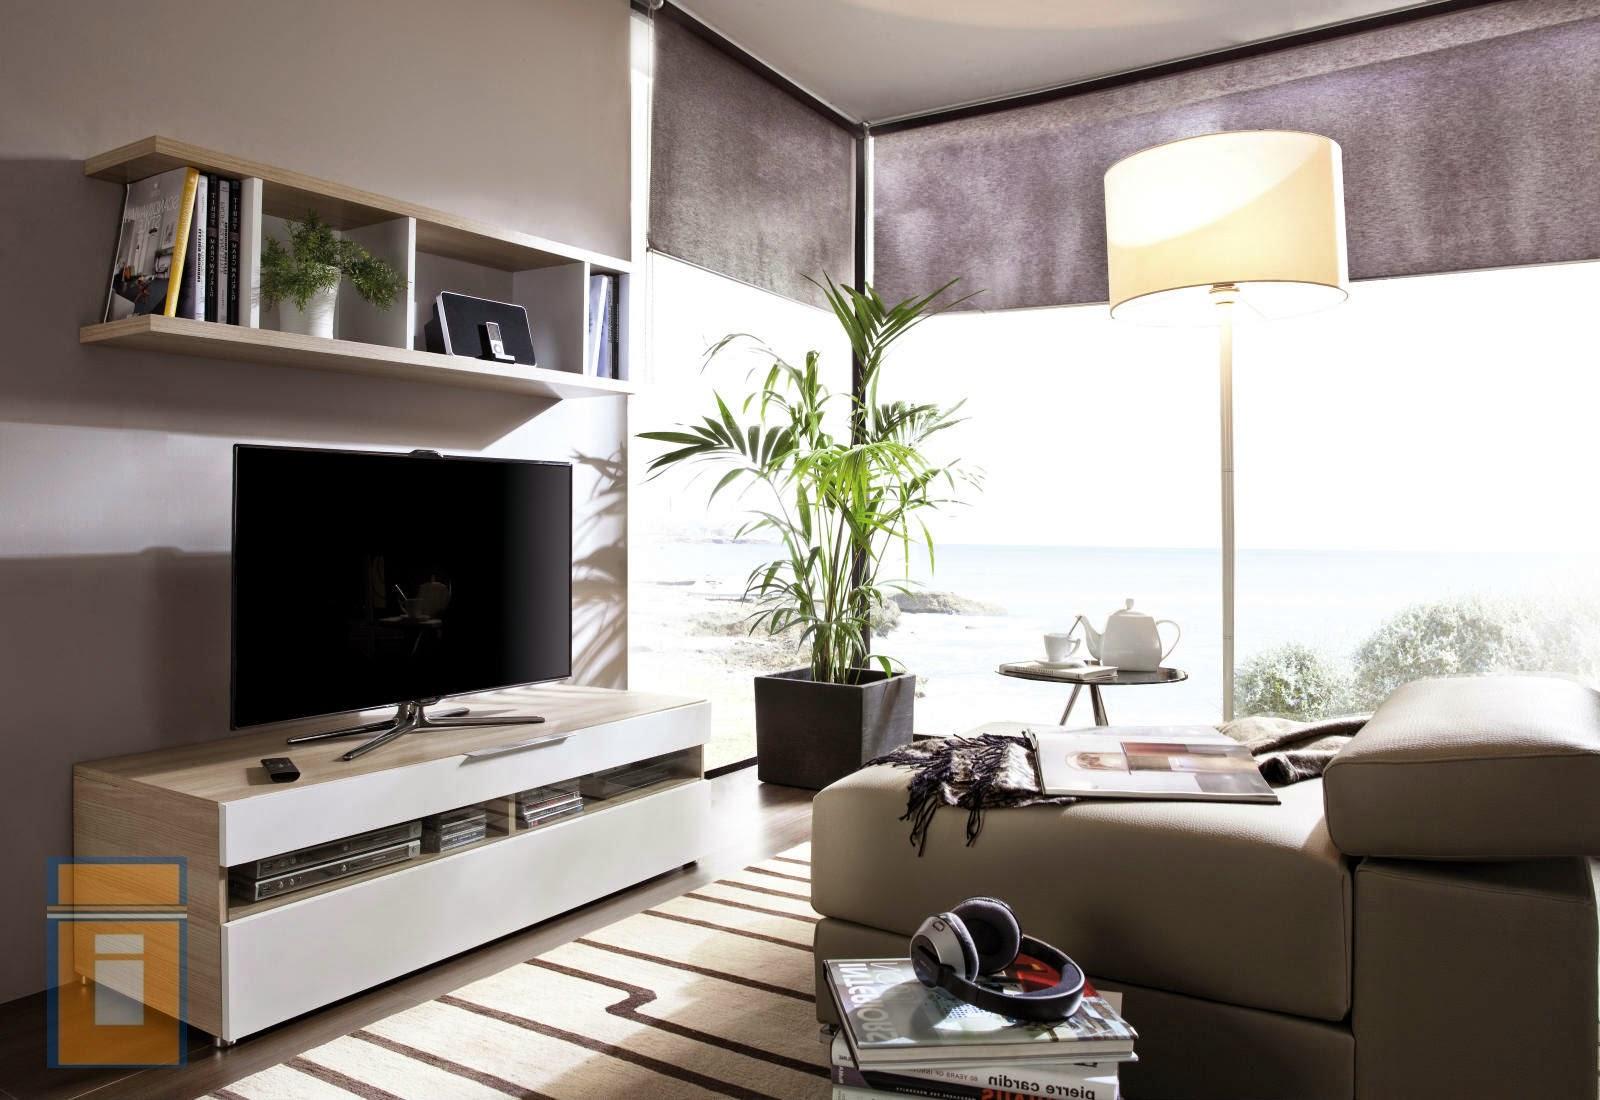 Armimobel muebles con vida comedores modulares hazlo for Comedores ahorradores de espacio